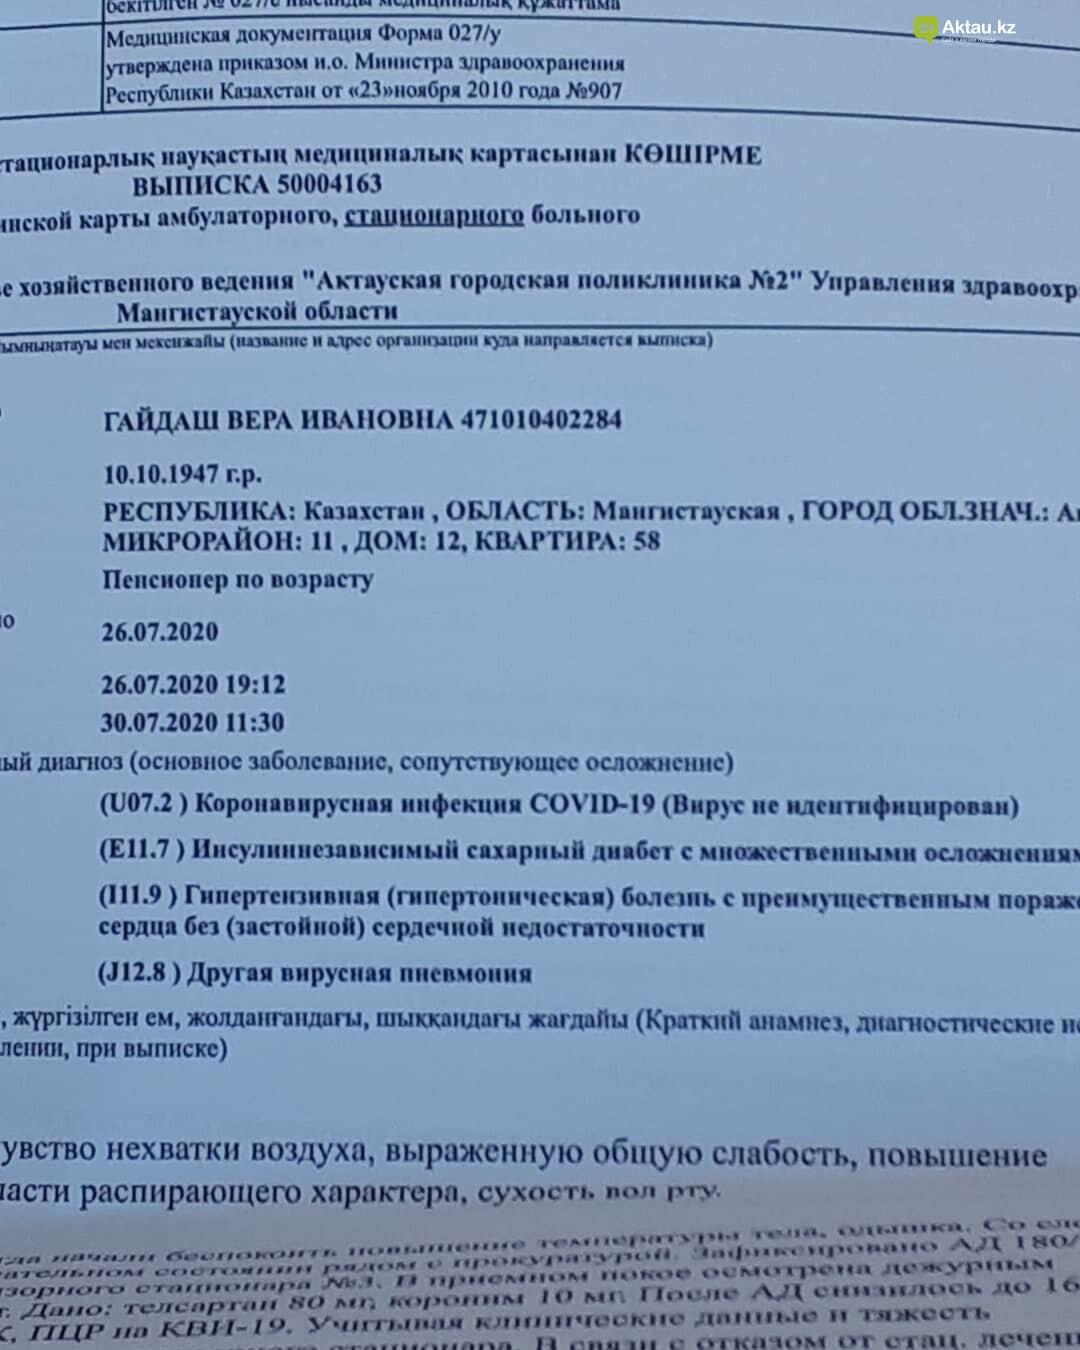 Жителей Актау возмутило, что женщину с  пневмонией и диабетом в тяжелом состоянии выписали из провизорного центра, фото-1